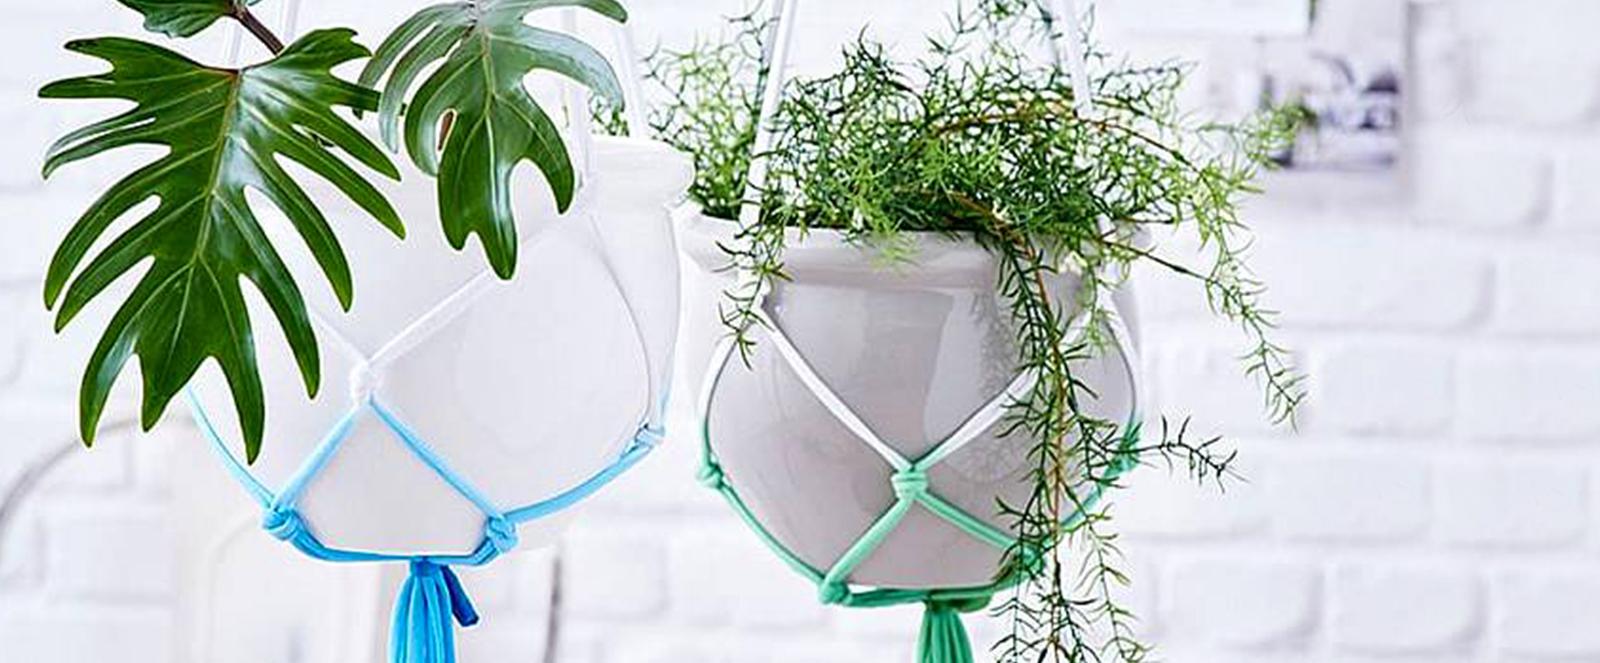 Blumenampeln selber machen - Indoor Gärtnern mit Kreativität